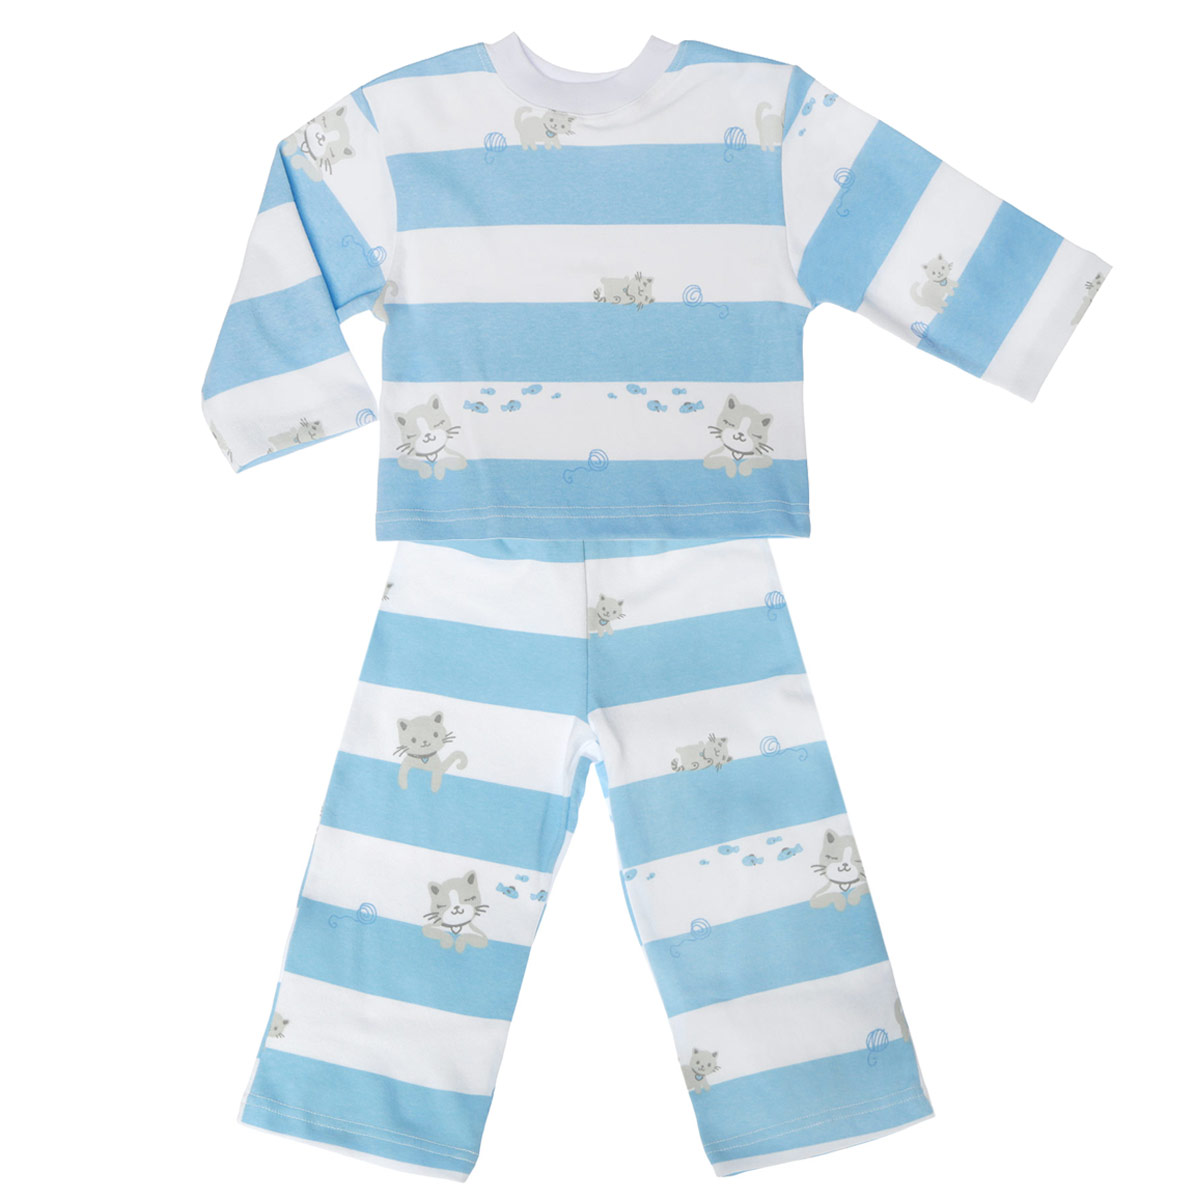 Пижама детская Трон-плюс, цвет: белый, голубой. 5584_котенок, полоска. Размер 110/116, 4-8 лет5584_котенок, полоскиУютная детская пижама Трон-плюс, состоящая из джемпера и брюк, идеально подойдет вашему ребенку и станет отличным дополнением к детскому гардеробу. Изготовленная из натурального хлопка, она необычайно мягкая и легкая, не сковывает движения, позволяет коже дышать и не раздражает даже самую нежную и чувствительную кожу ребенка. Джемпер с длинными рукавами и круглым вырезом горловины оформлен ненавязчивым принтом в полоску, а также изображениями котенка. Вырез горловины дополнен трикотажной эластичной резинкой.Брюки на талии имеют эластичную резинку, благодаря чему не сдавливают живот ребенка и не сползают. Оформлены брючки также ненавязчивым принтом в полоску и изображениями котенка. В такой пижаме ваш ребенок будет чувствовать себя комфортно и уютно во время сна.